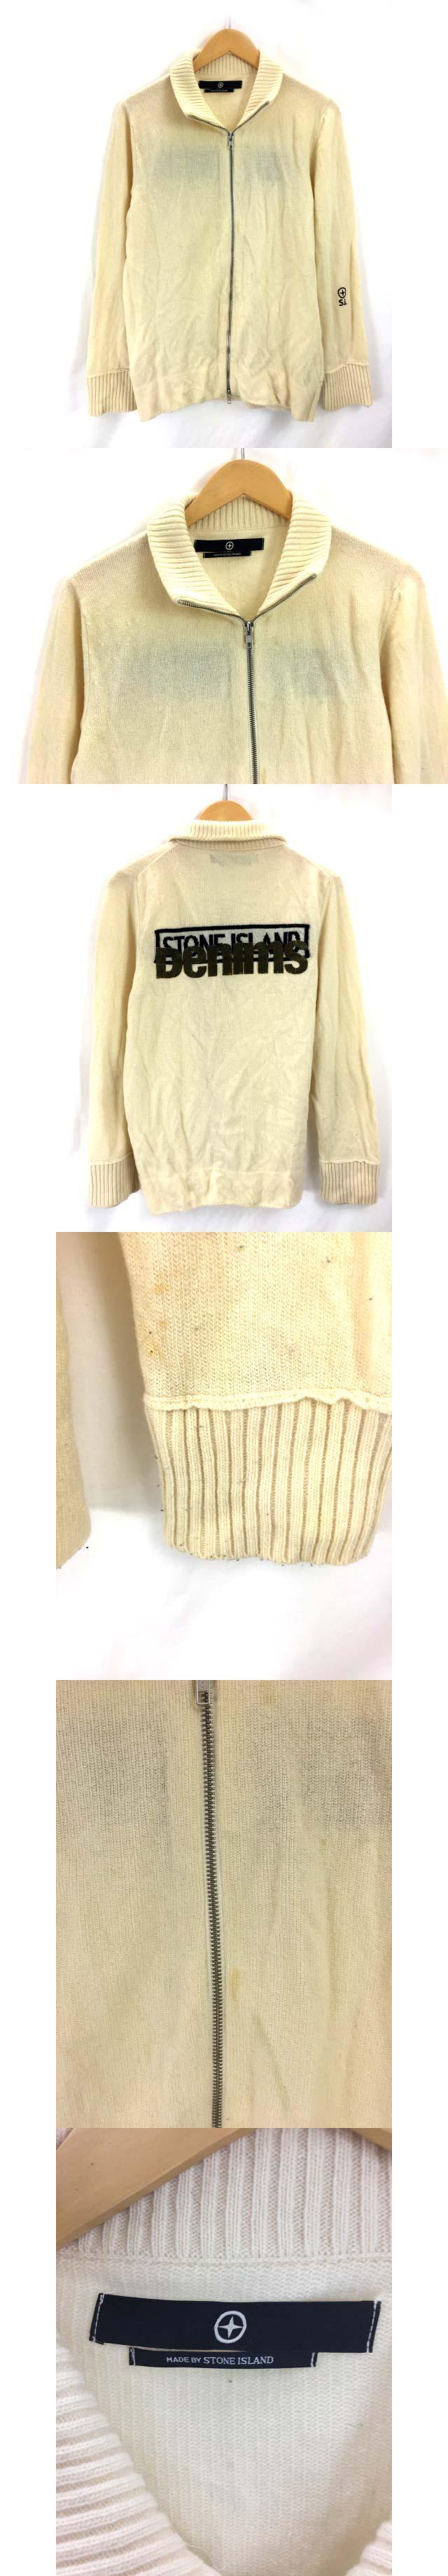 ニットジャケット ジップアップ 長袖 L イタリア製 バックプリント クリーム色 SSS3